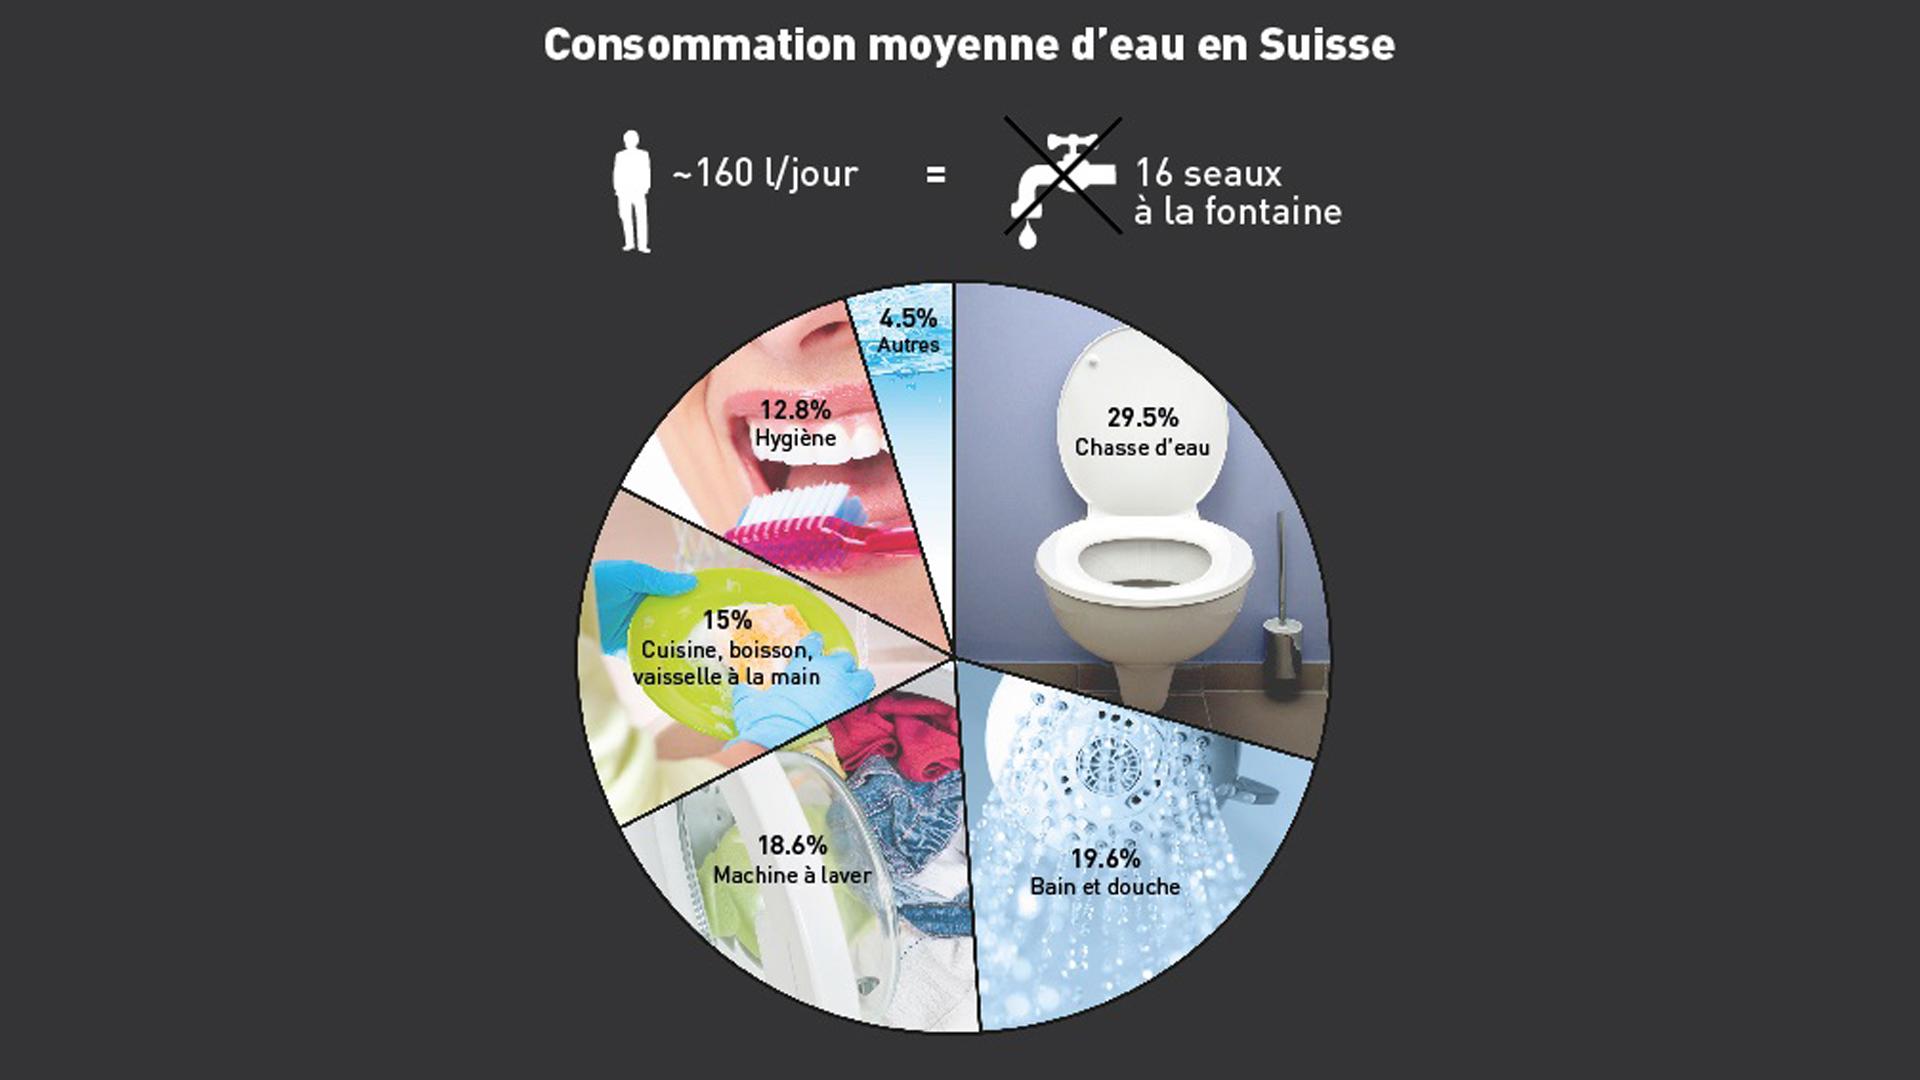 Consommation Fontaine À Eau l'eau potable en suisse - rts.ch - l'eau